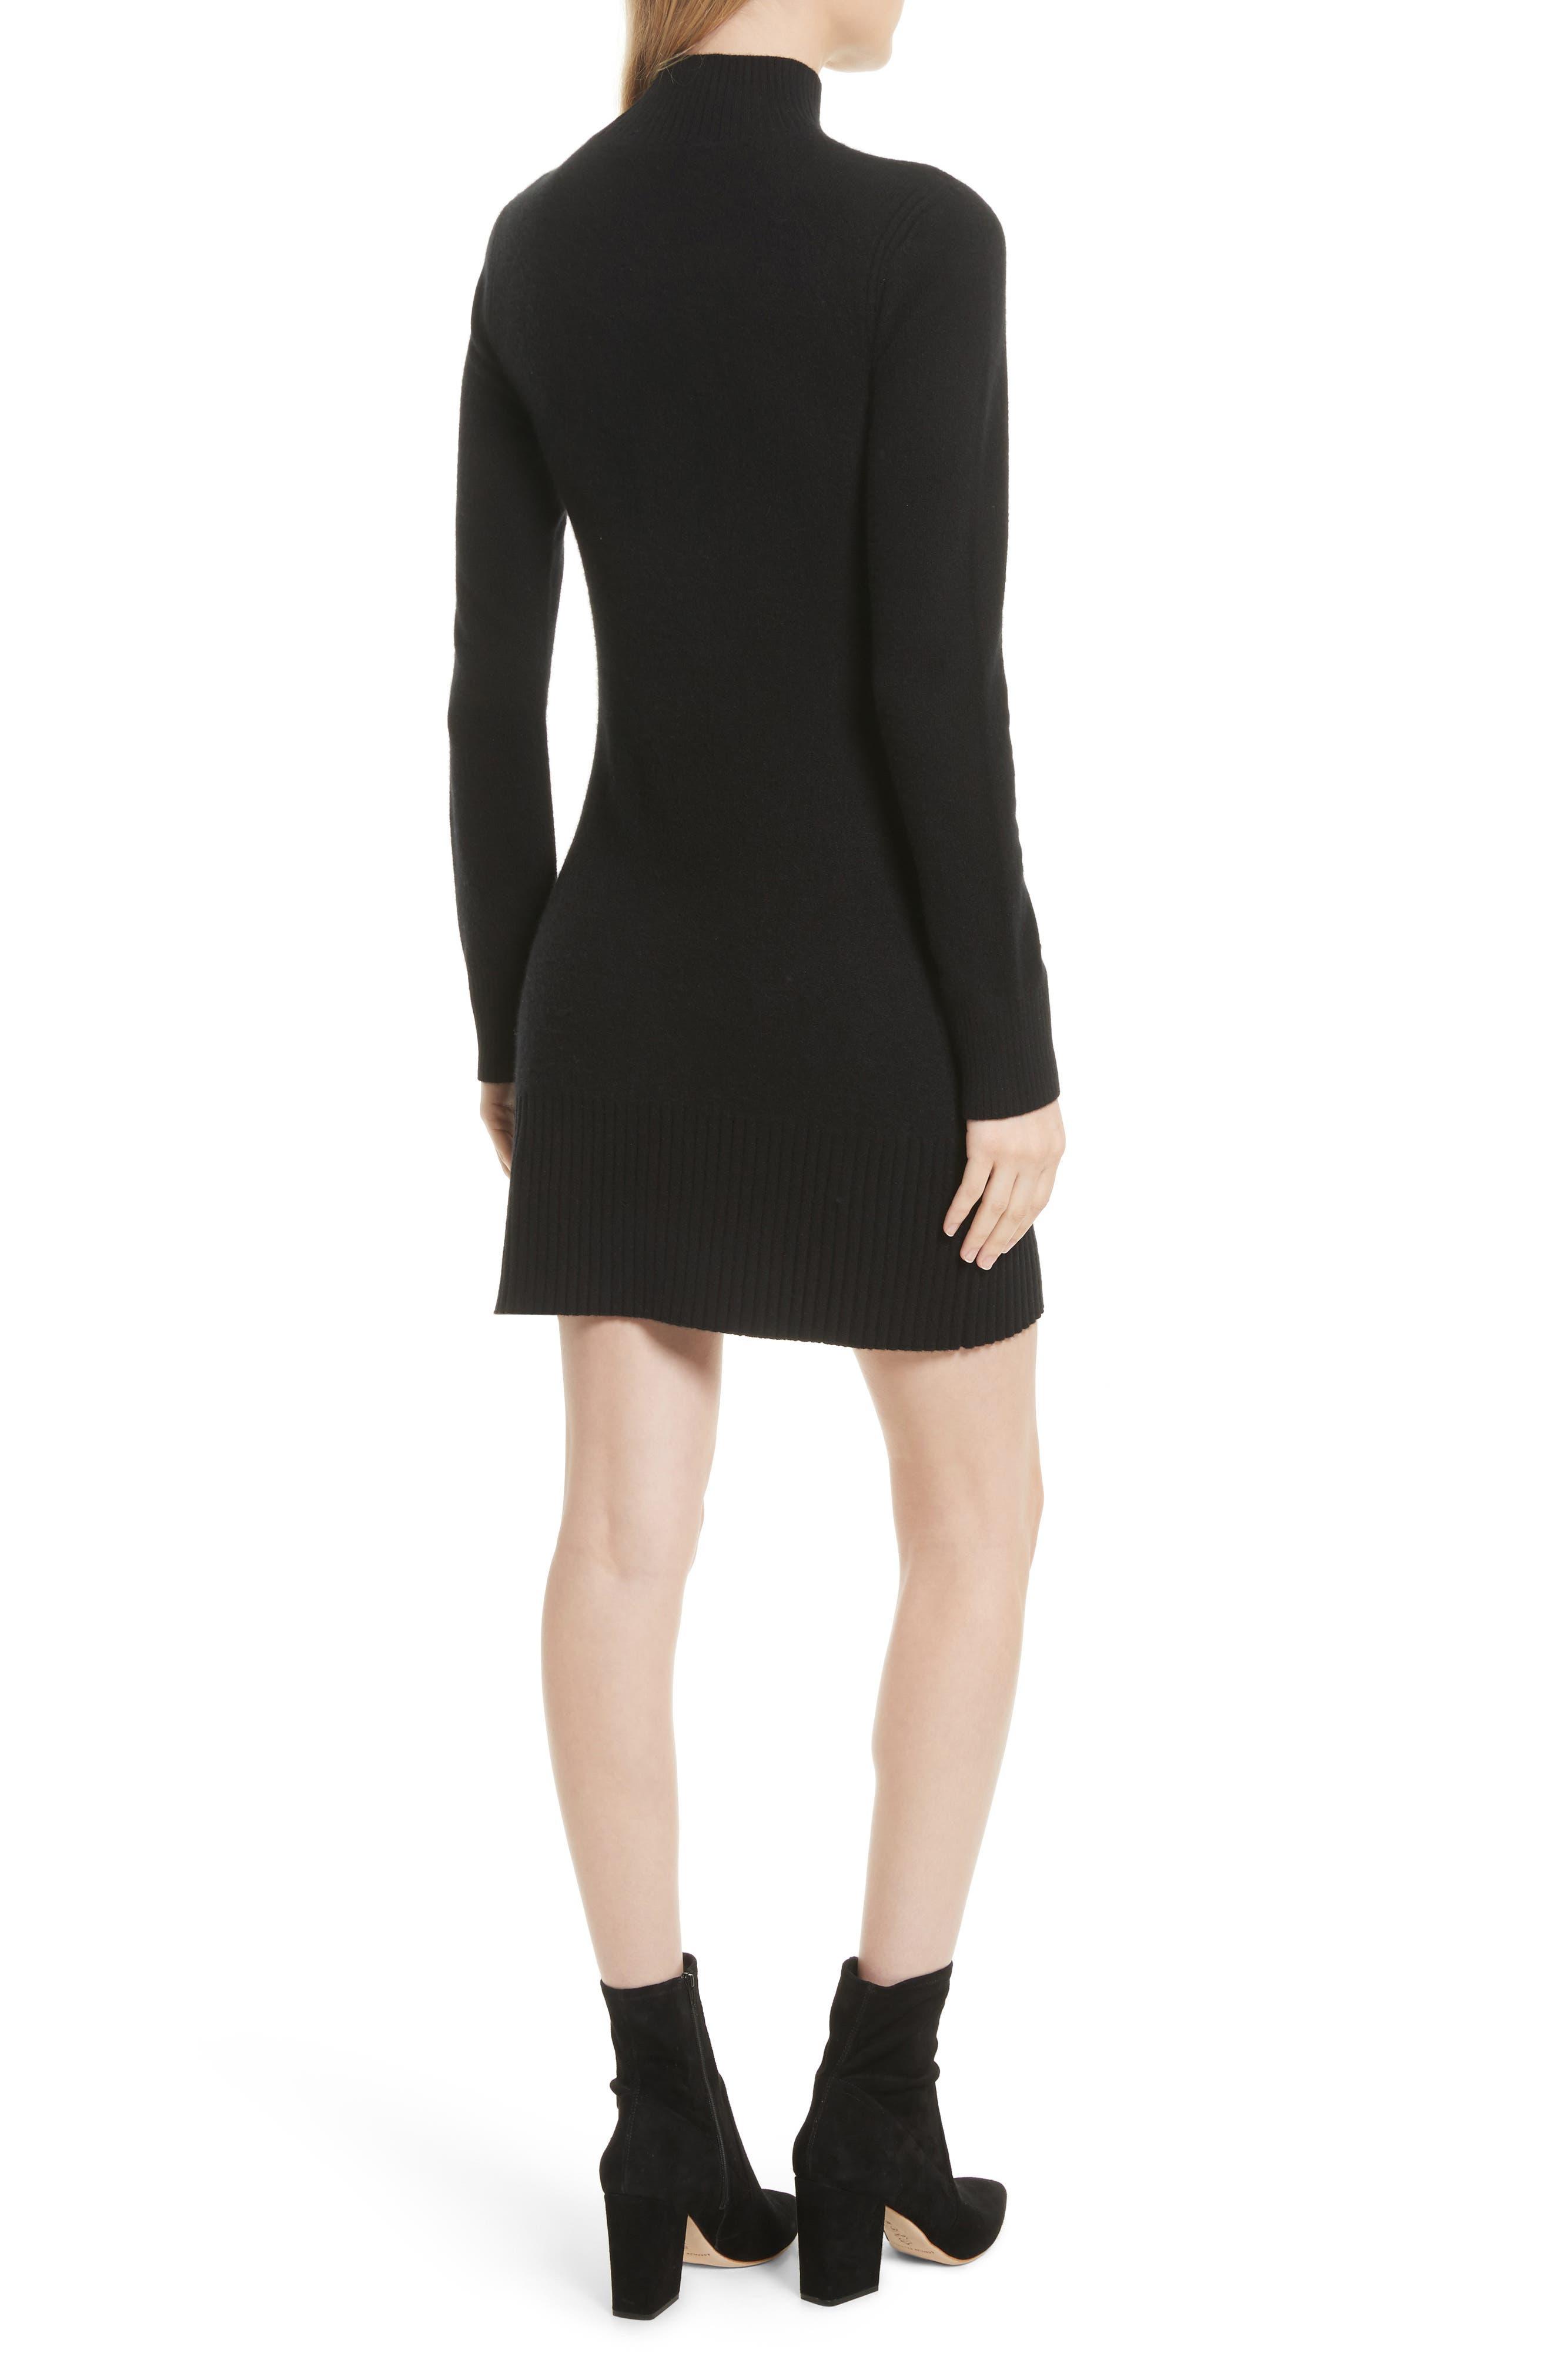 Alternate Image 2  - FRAME Turtleneck Cashmere Sweater Dress